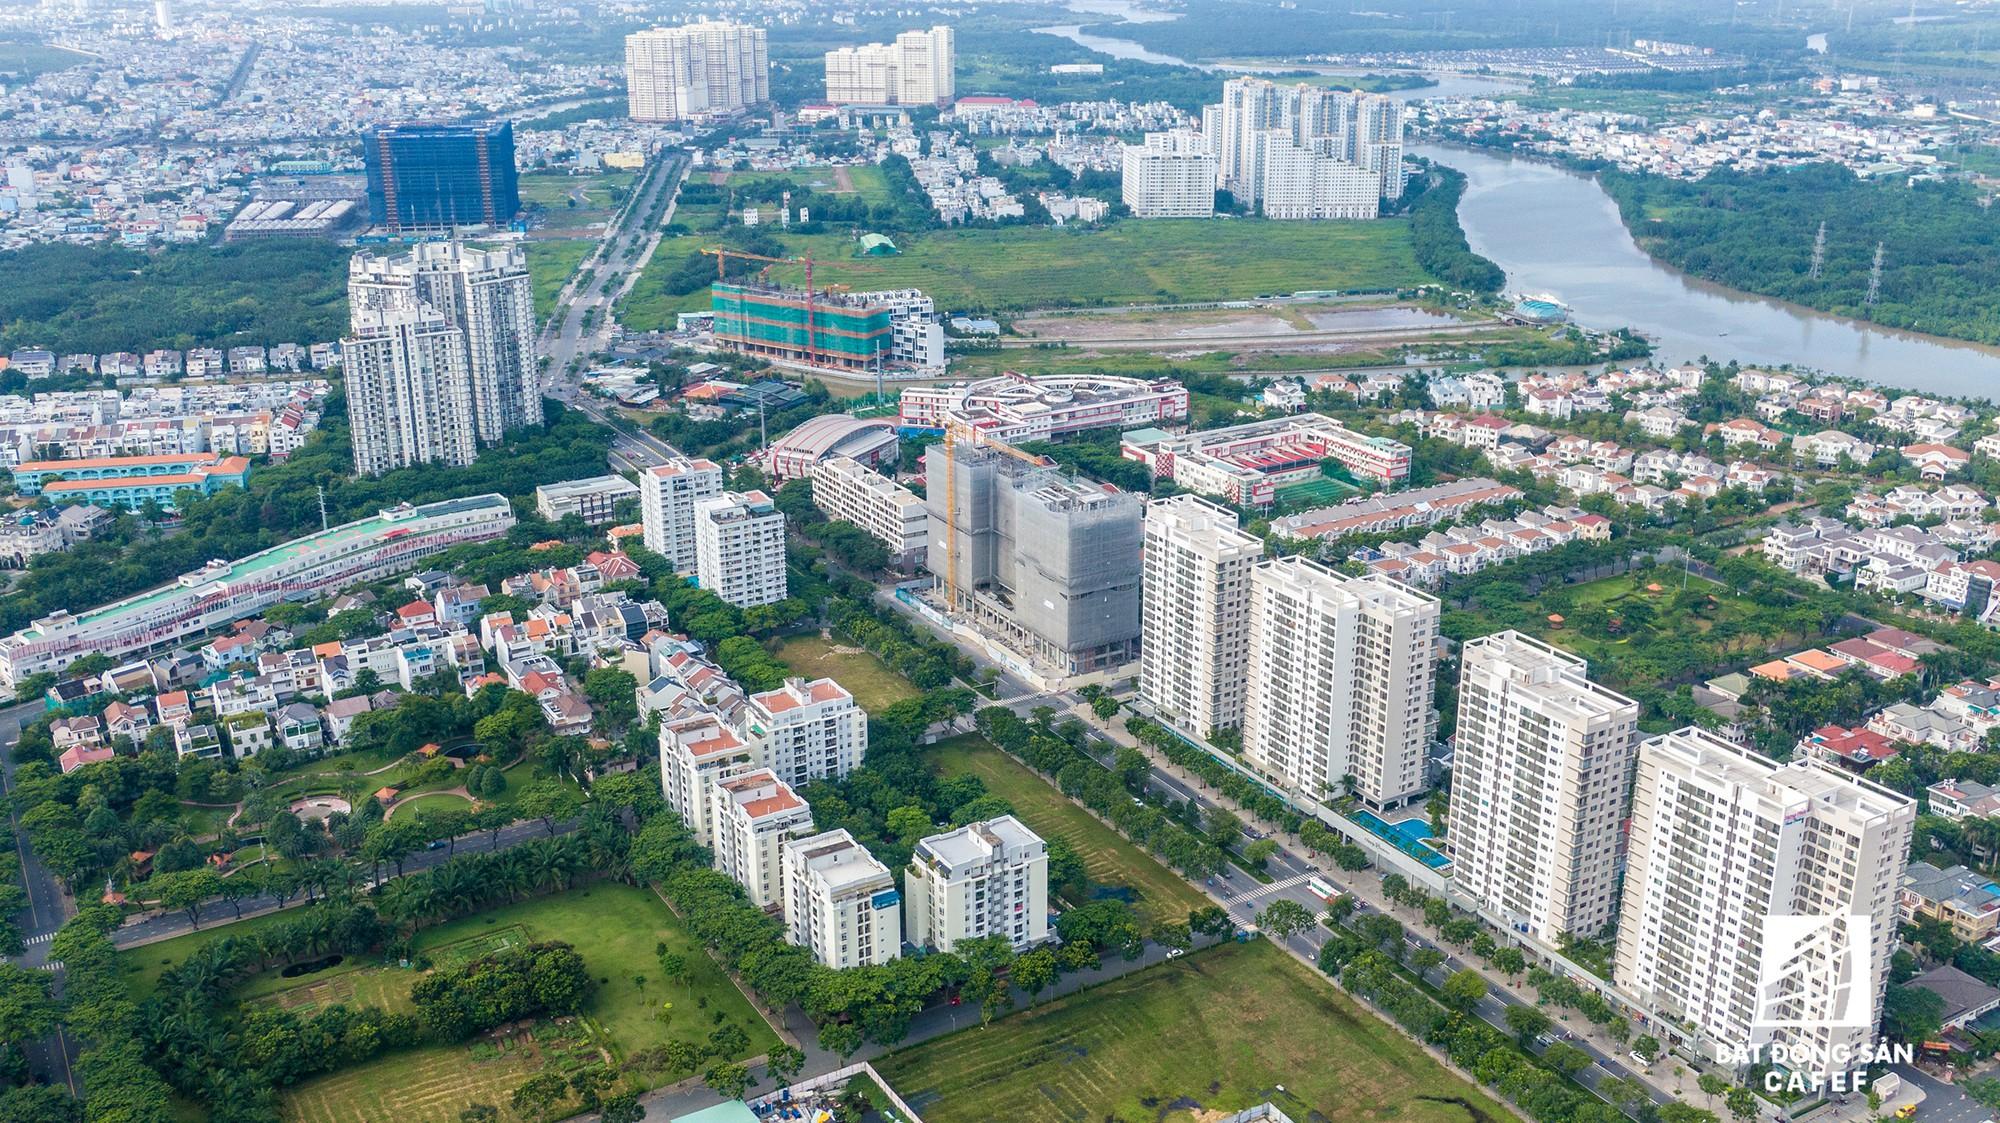 Có một trung tâm tài chính tại khu Nam Sài Gòn - Nơi giá nhà tăng chóng mặt - Ảnh 5.